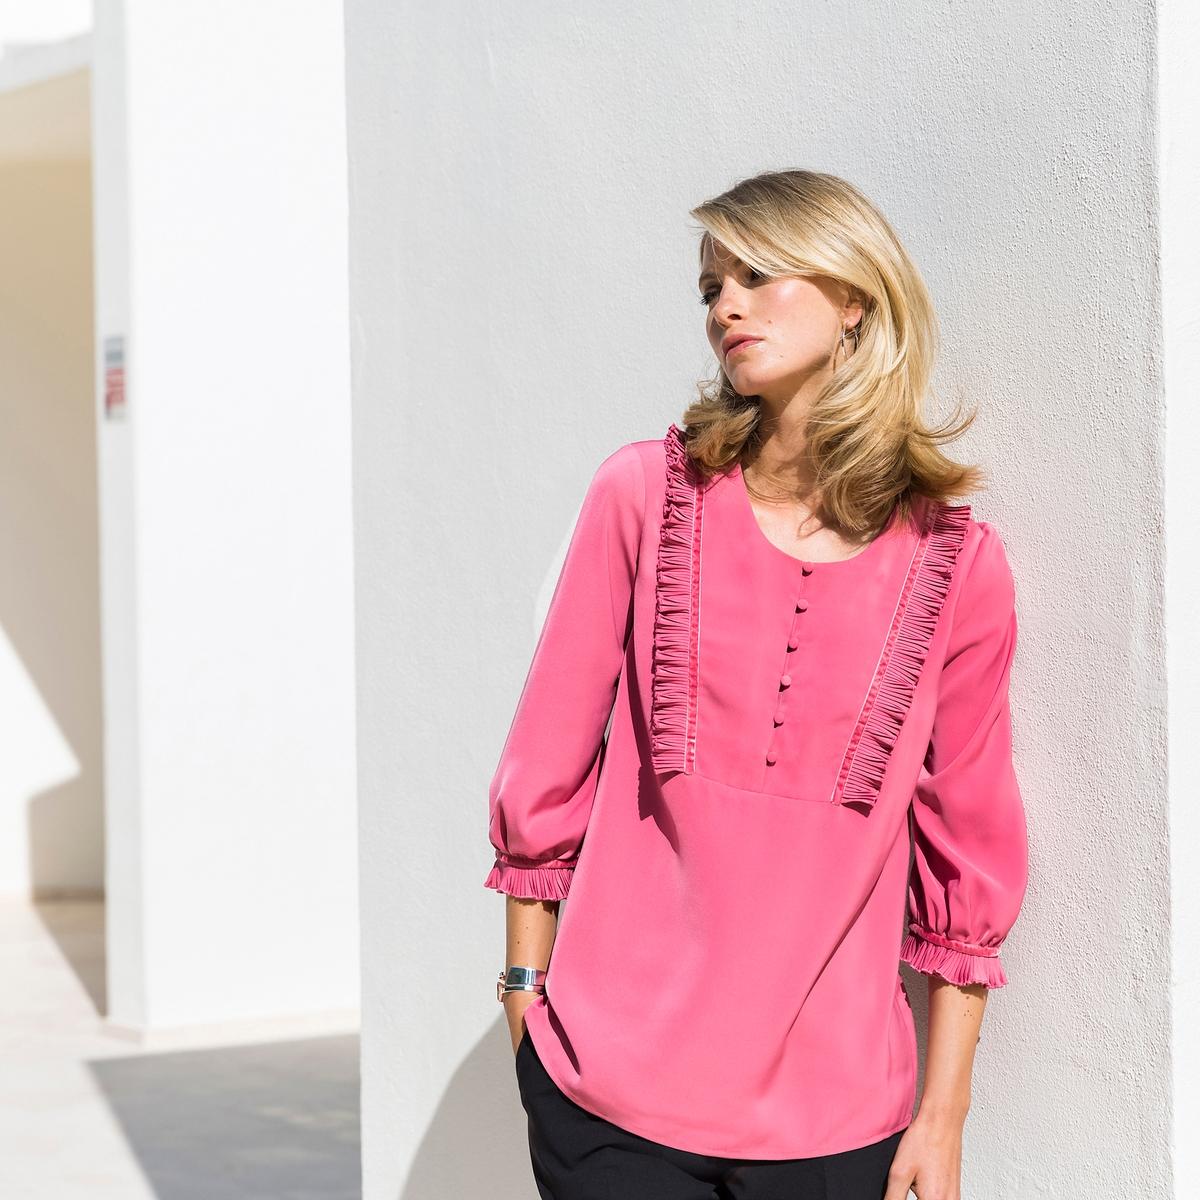 Imagen adicional 3 de producto de Pantalón recto, pliegues marcados delante y detrás - Anne weyburn